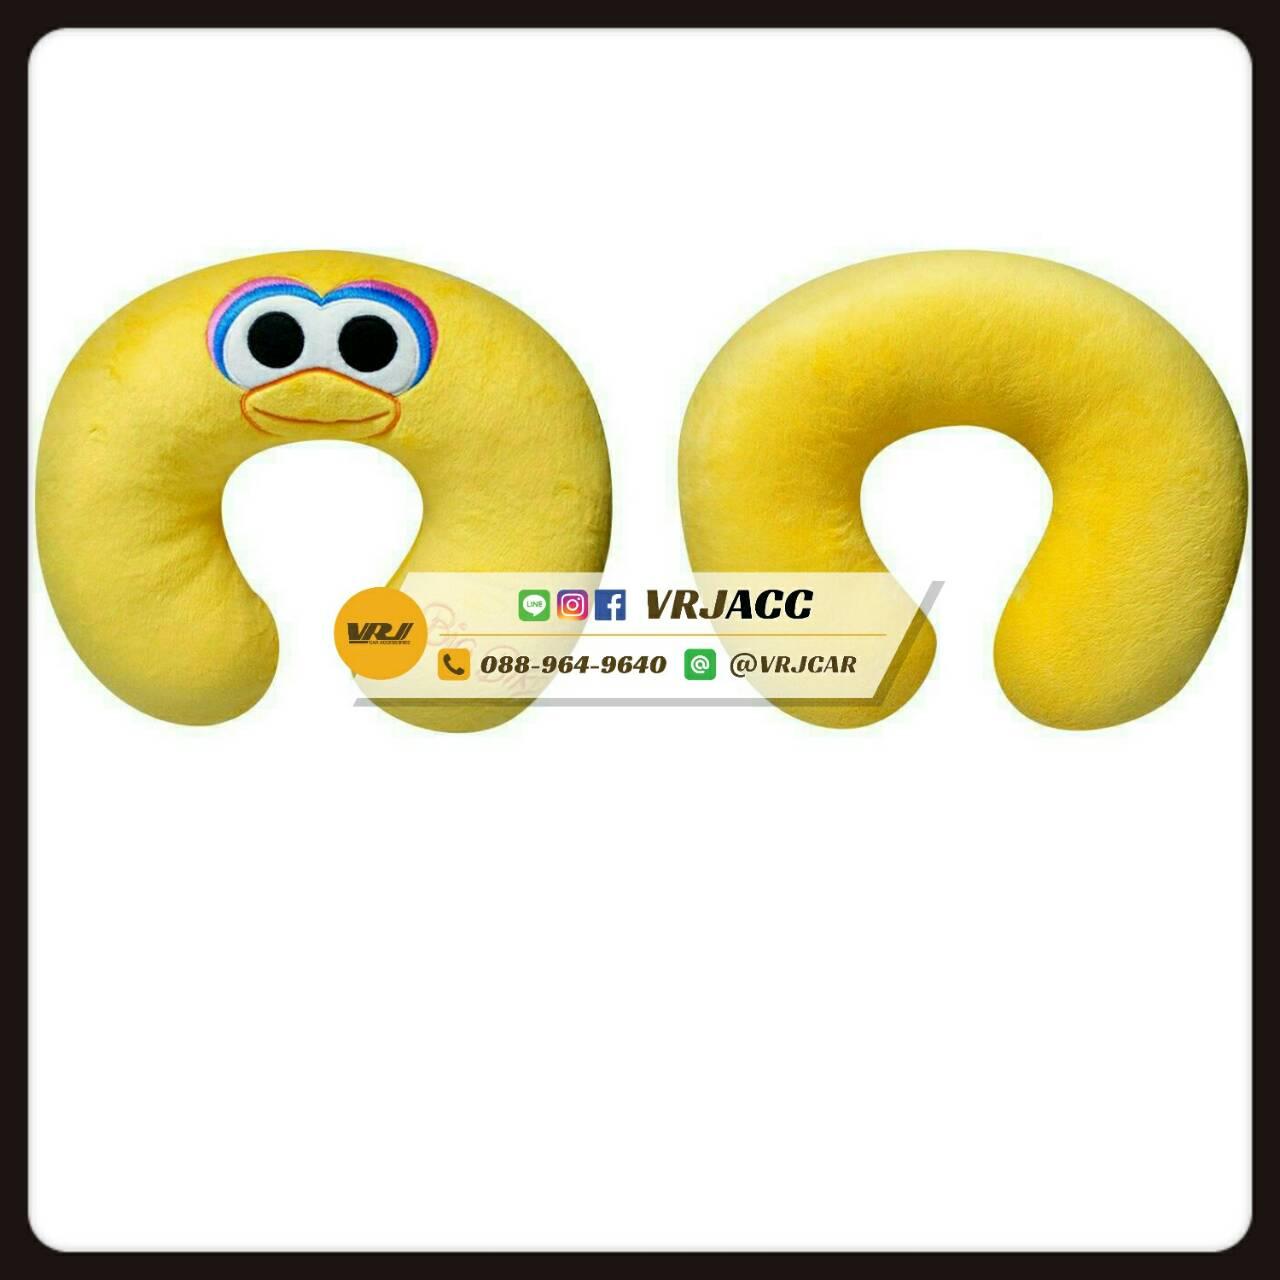 หมอนรองคอ ตัวยู คุกกี้มอนสเตอร์ บิ๊กเบิร์ด สีเหลือง Sesame Street cookie monster